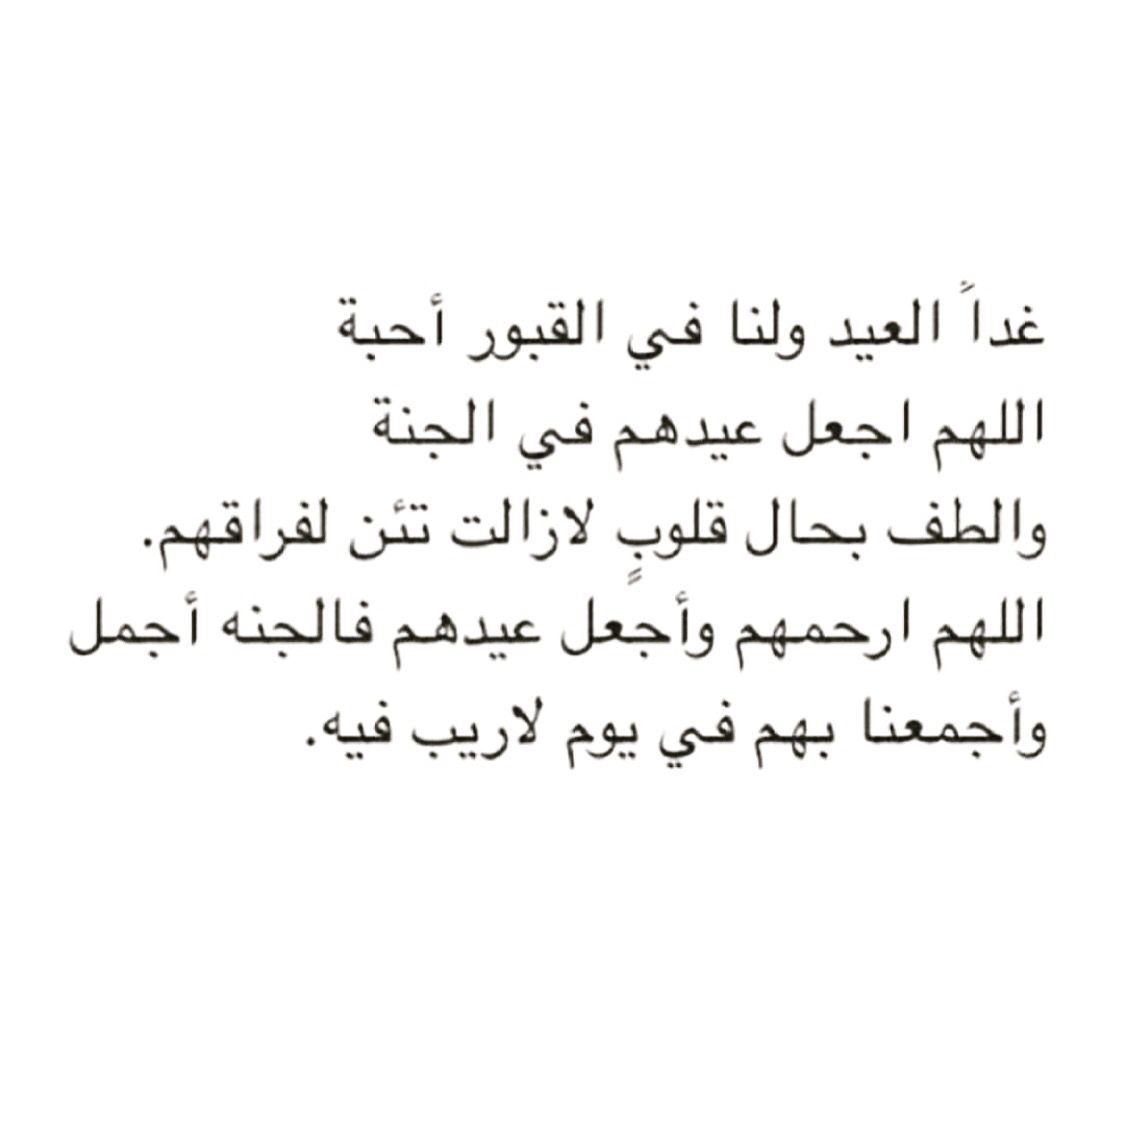 الله يرحمكم ويغفر لكم ويرزقكم الفردوس الأعلى من غير حساب وسابقة عذاب يا بابا و جدتي أنتما وجميع موتى المسل Quran Quotes Islamic Inspirational Quotes Quotations